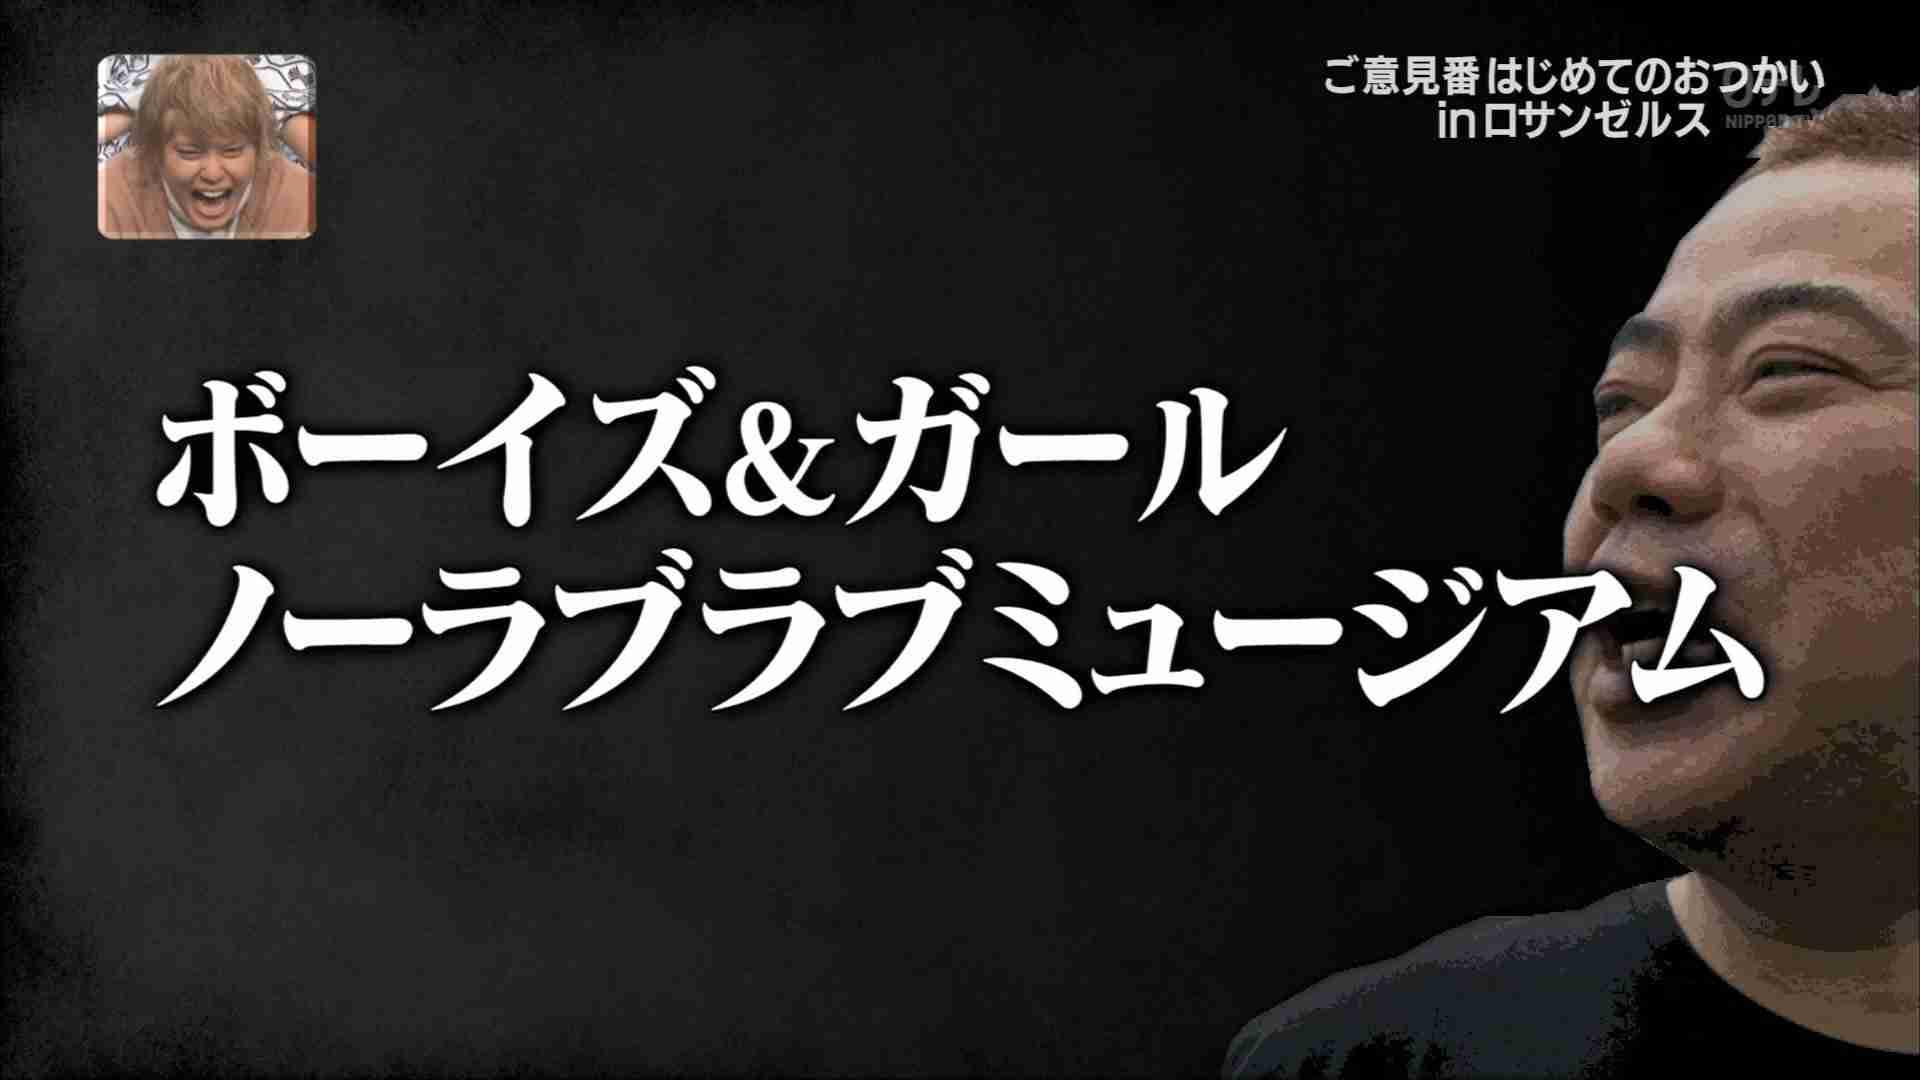 出川哲朗、英会話の極意を熱弁「勉強とハートがあったら最強」